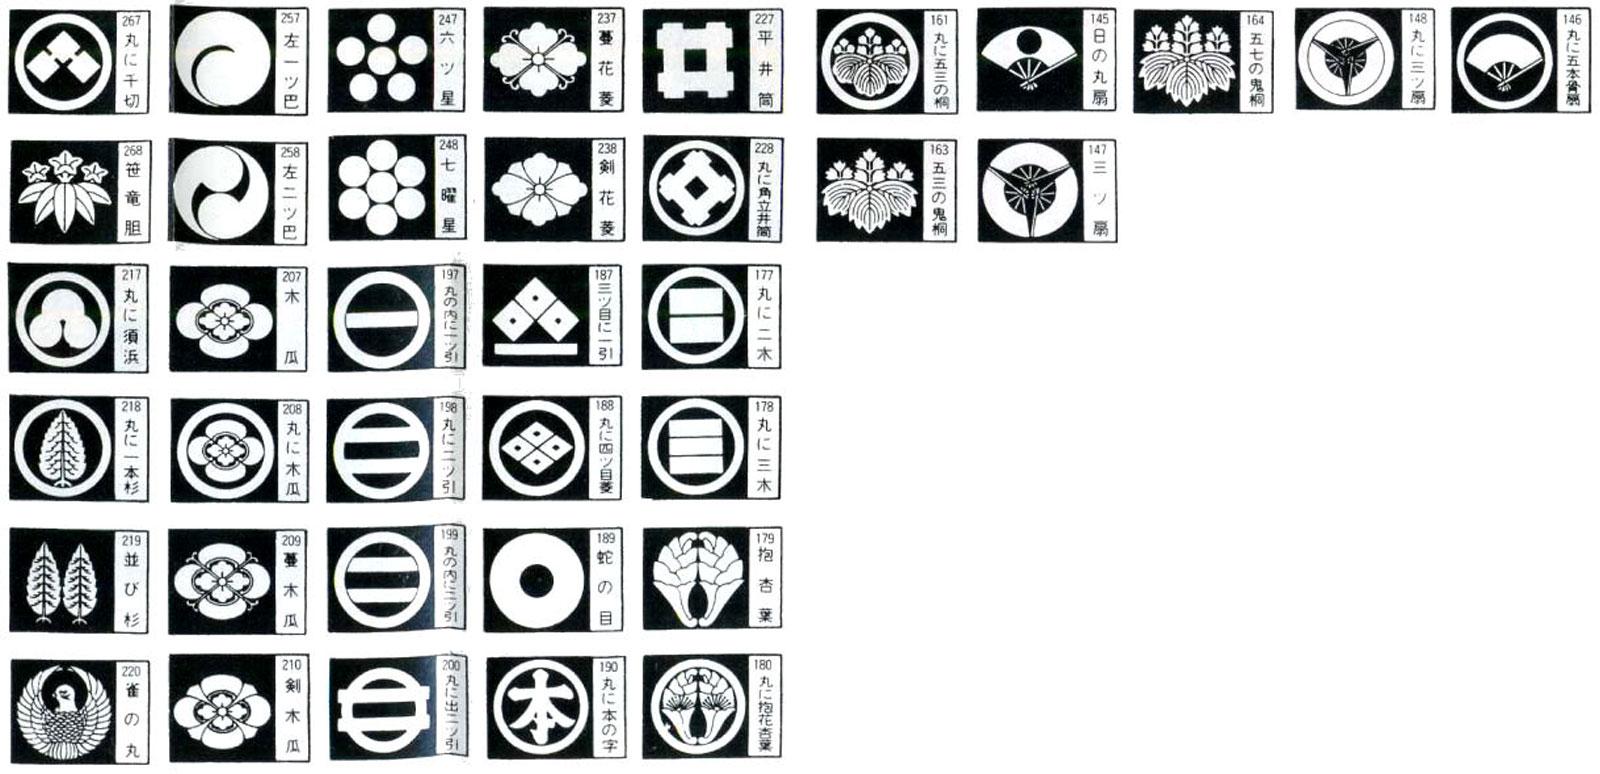 mon-japon-symbole-emblemes-famille-liste-04